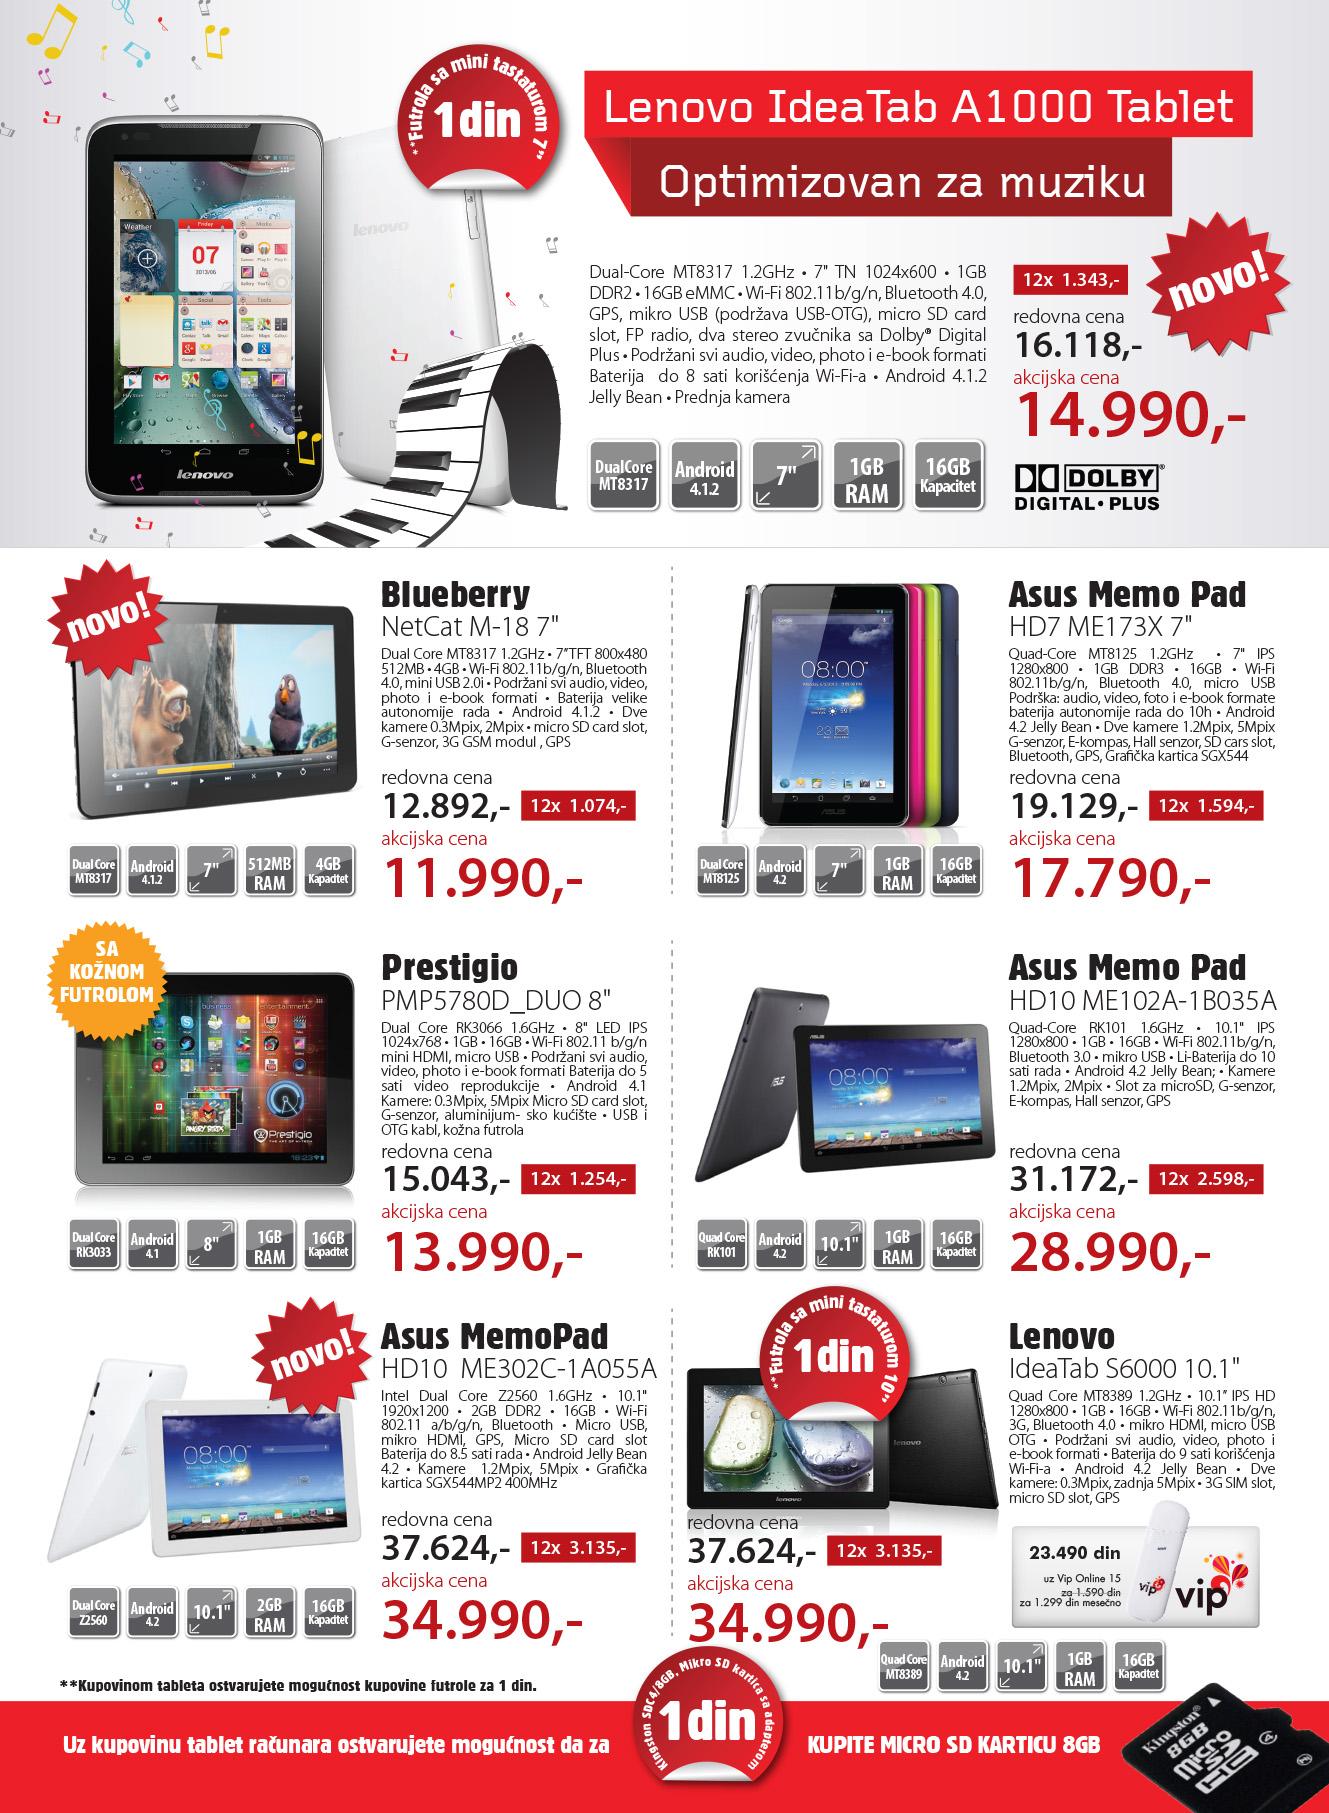 PC Practic katalog odličnih cena